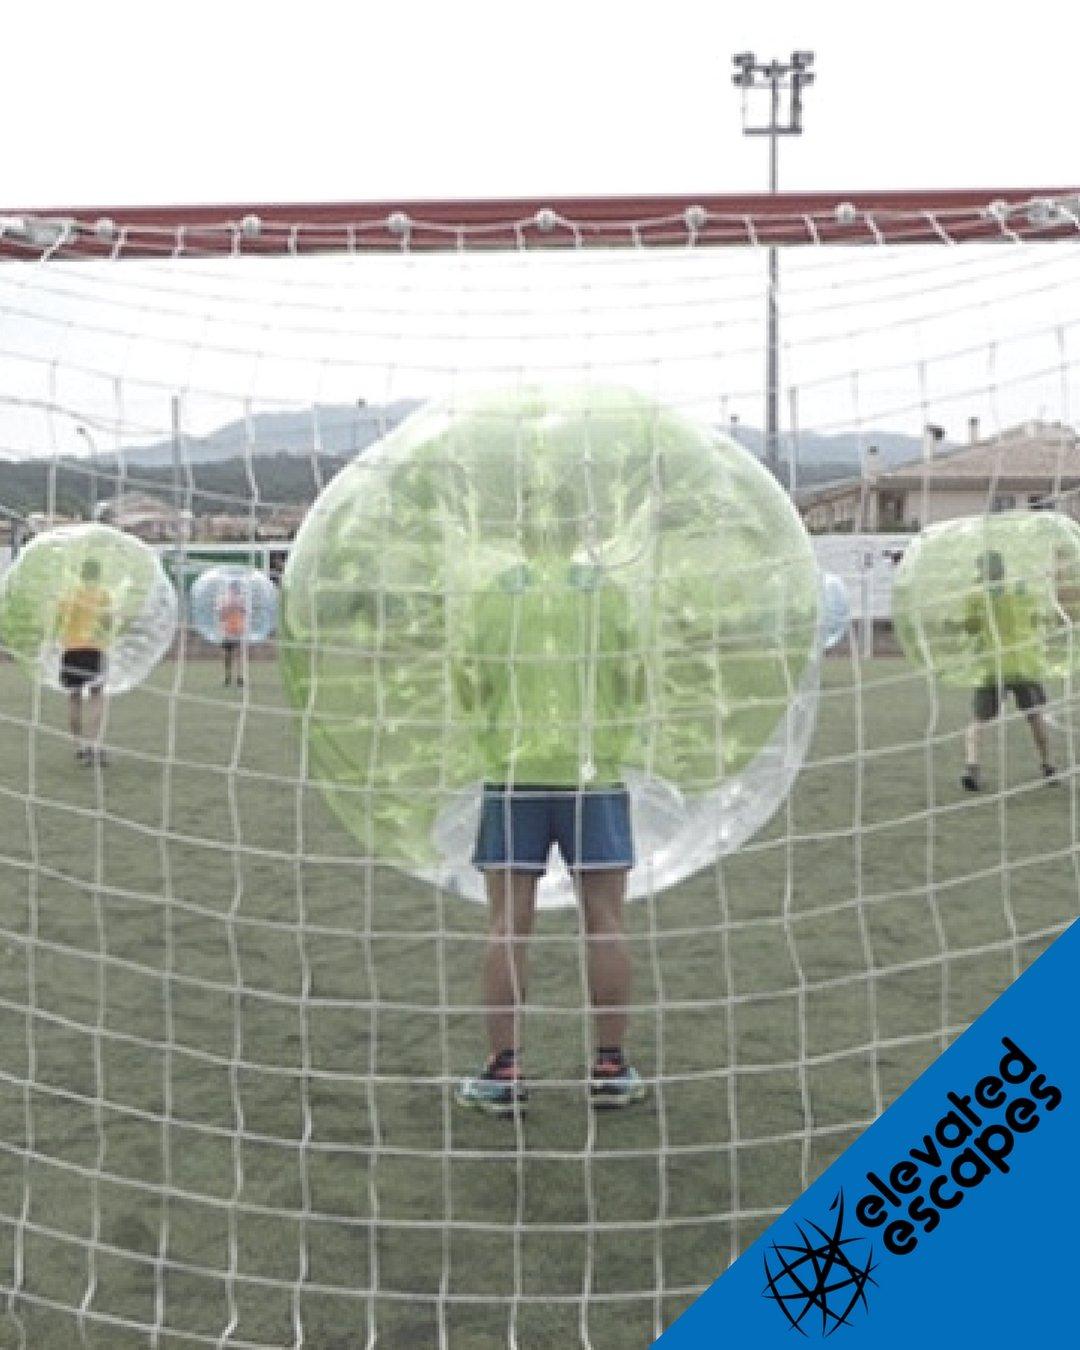 Bubble Football Barcelona Goal